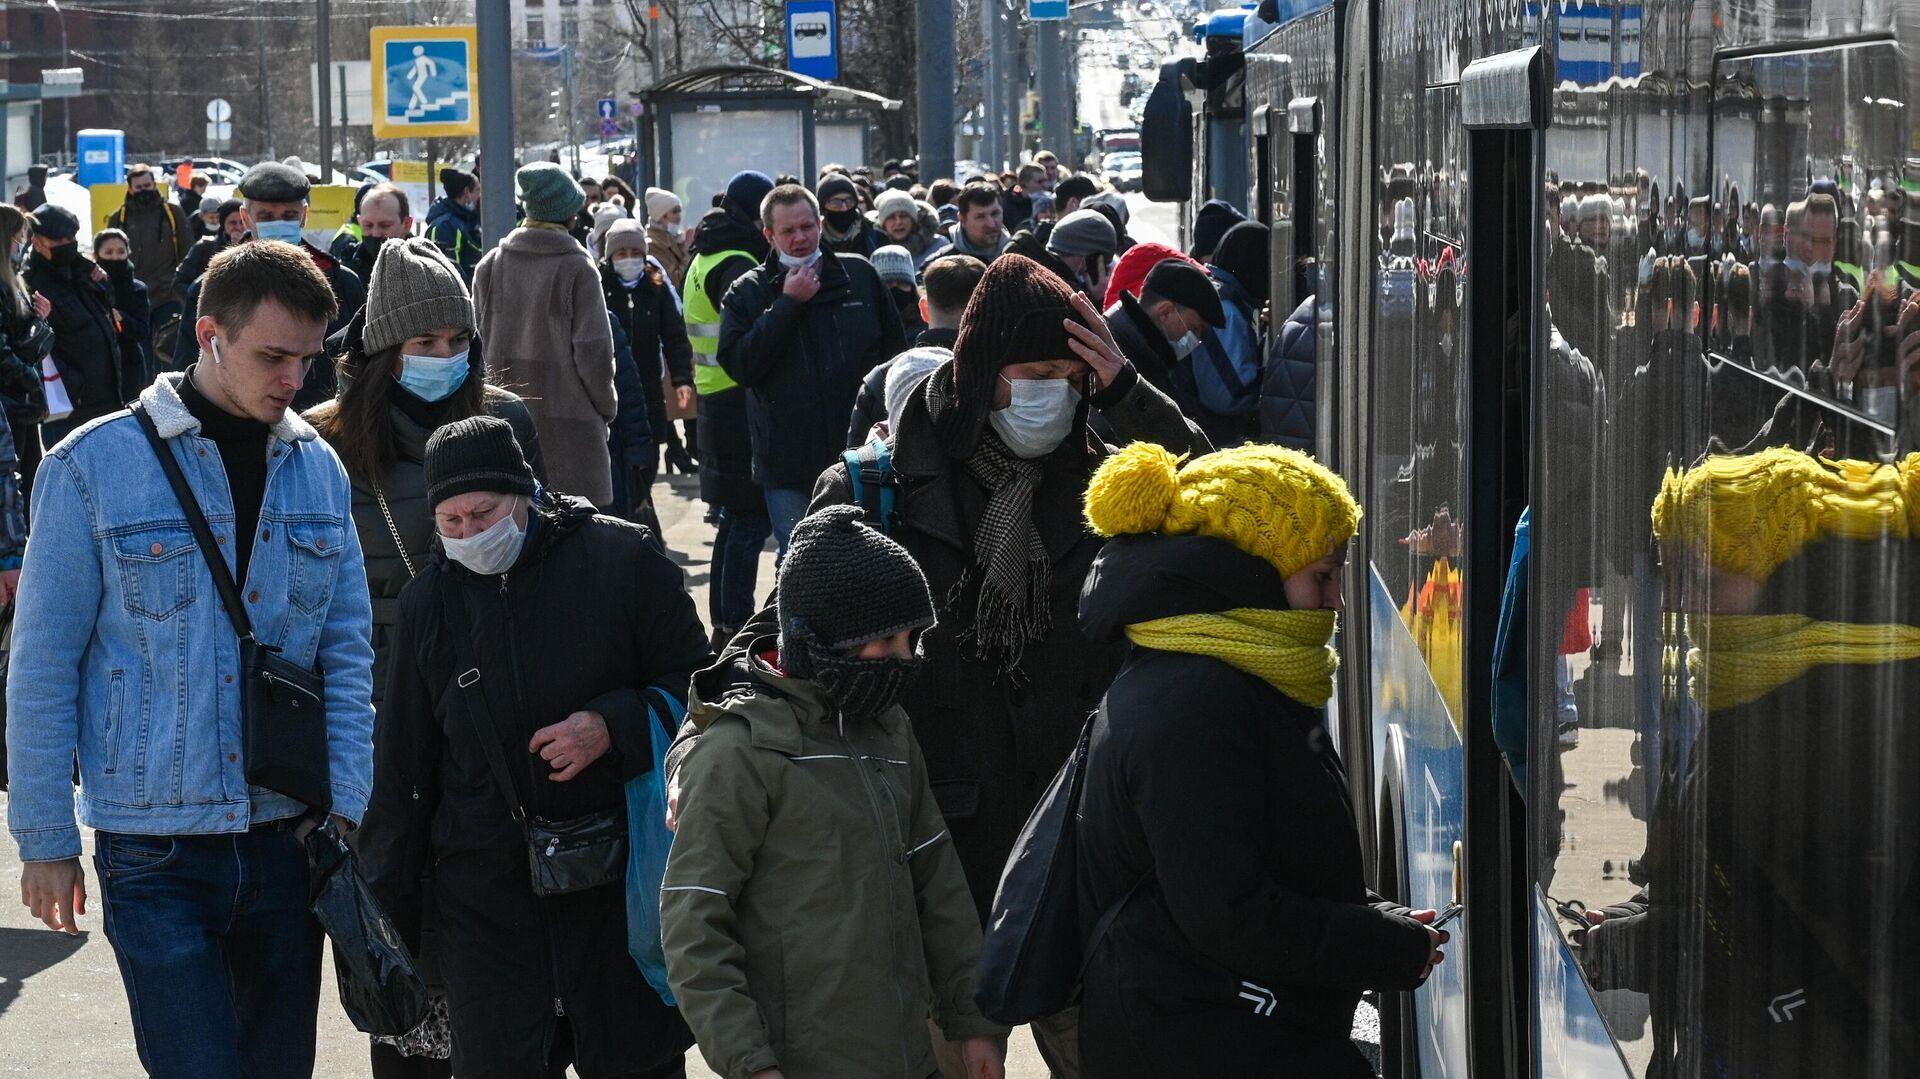 Пассажиры заходят в салон бесплатного автобуса КМ у станции метро Беляево - РИА Новости, 1920, 09.09.2021